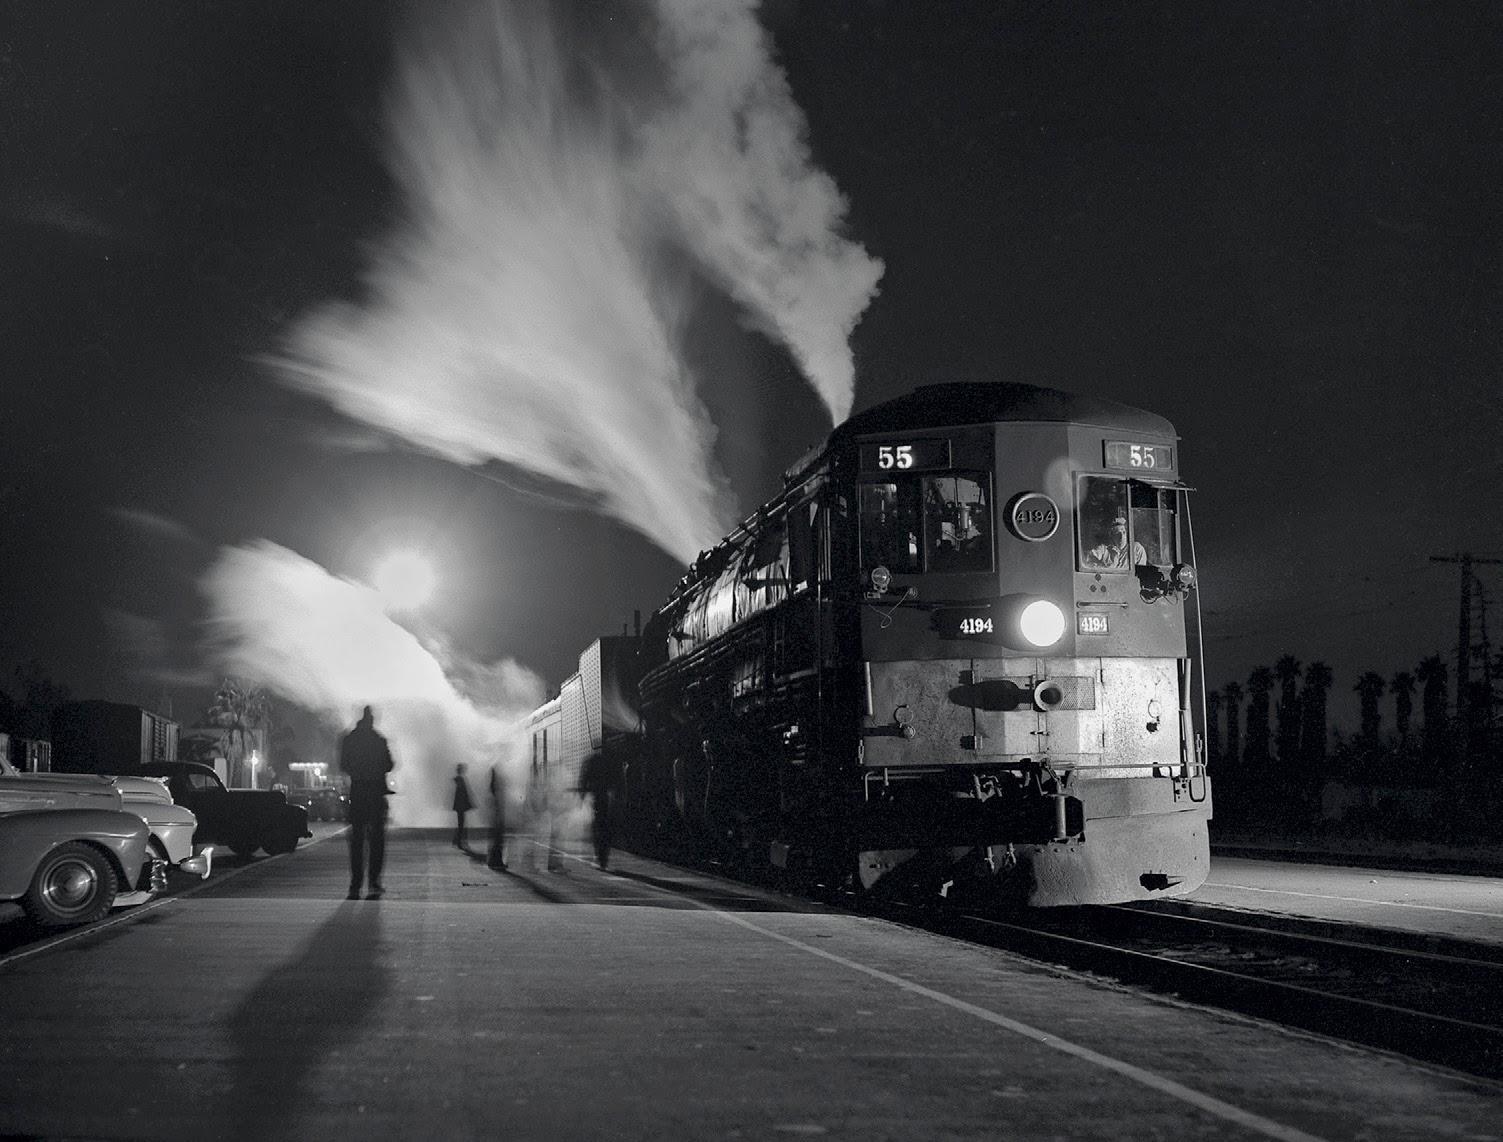 Contoh Cerpen - Penumpang Kereta Malam